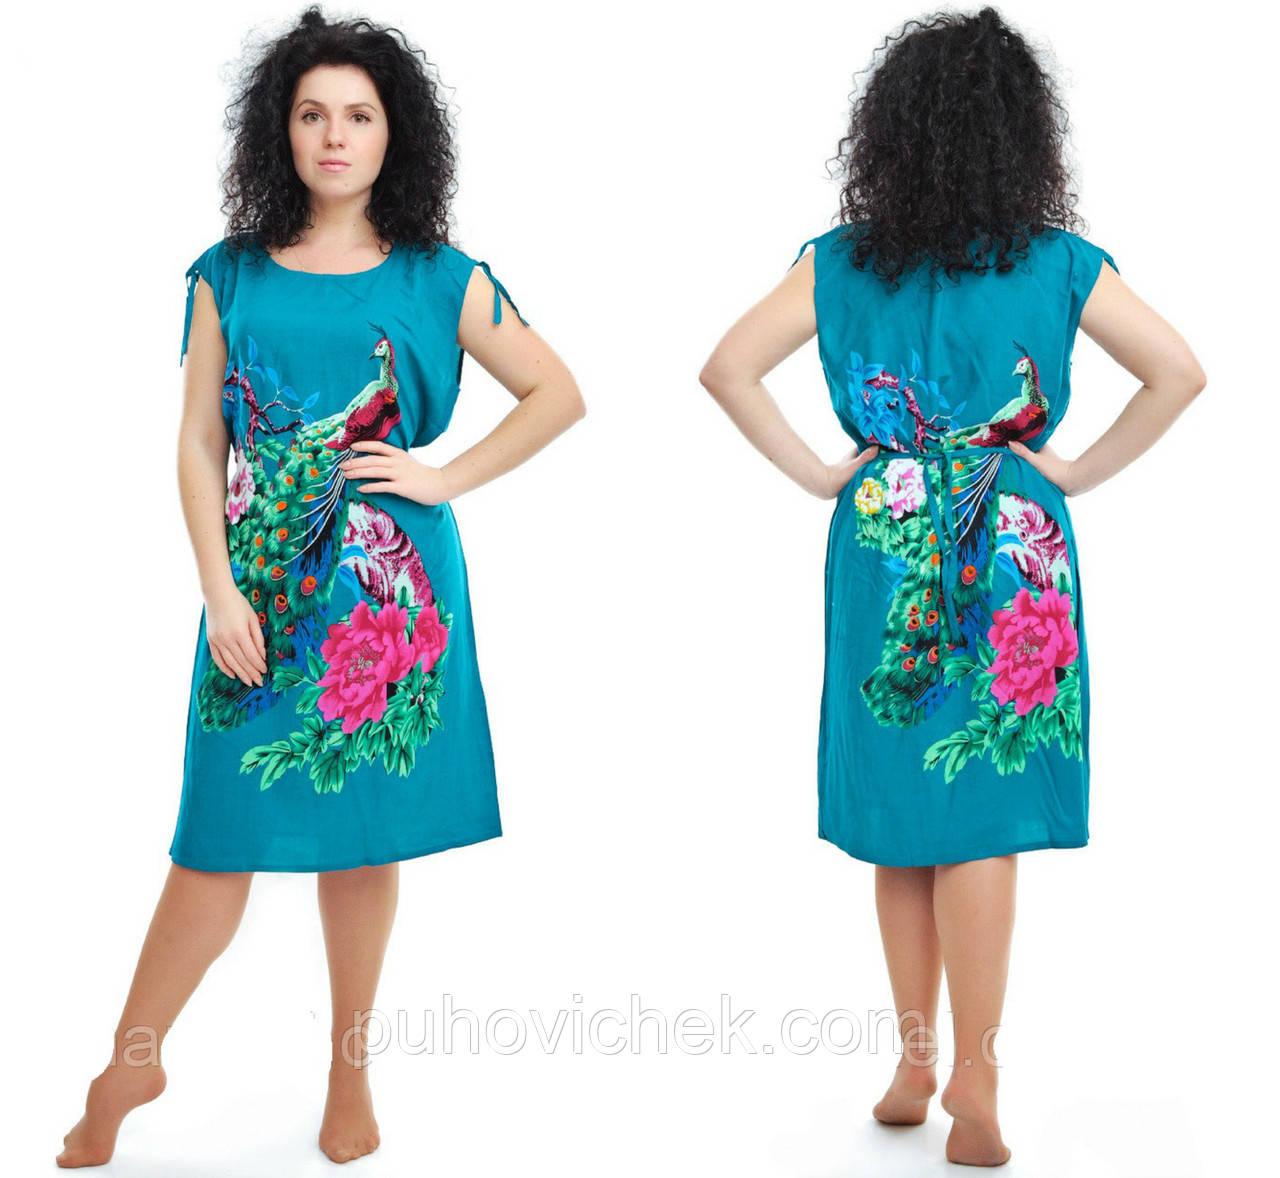 Трикотажне плаття туніка жіноче літо розміри 48-52